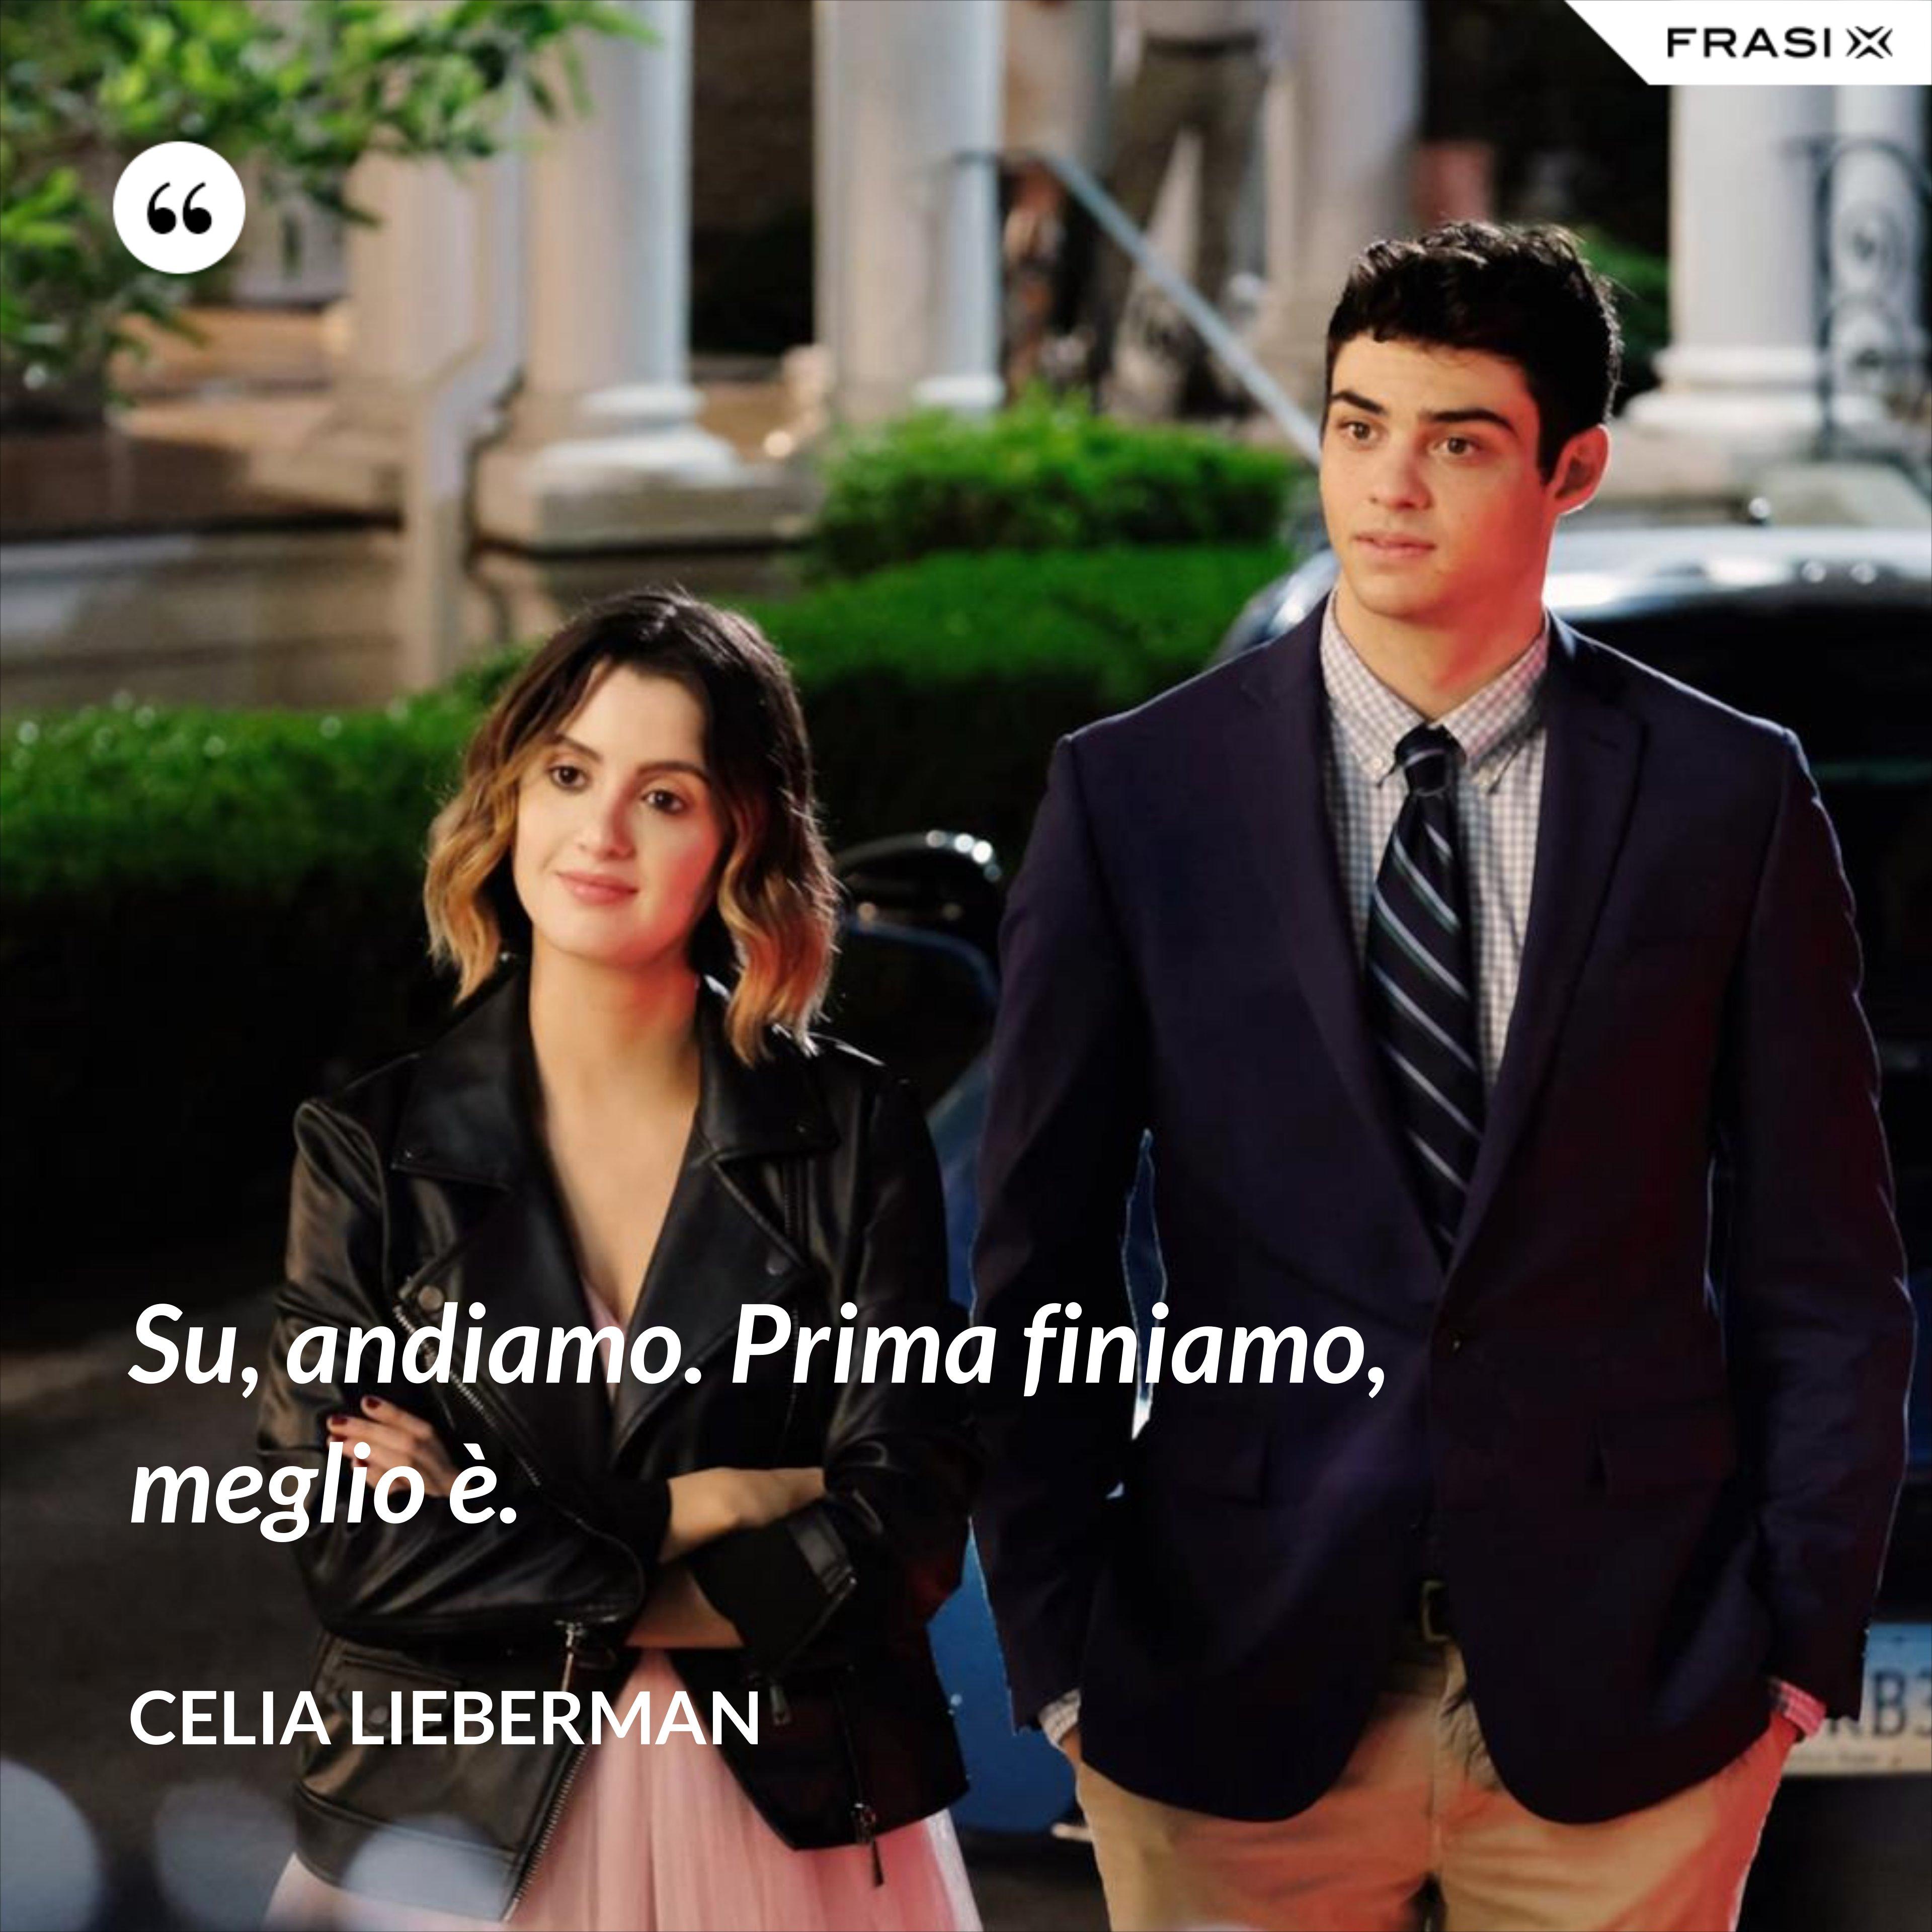 Su, andiamo. Prima finiamo, meglio è. - Celia Lieberman